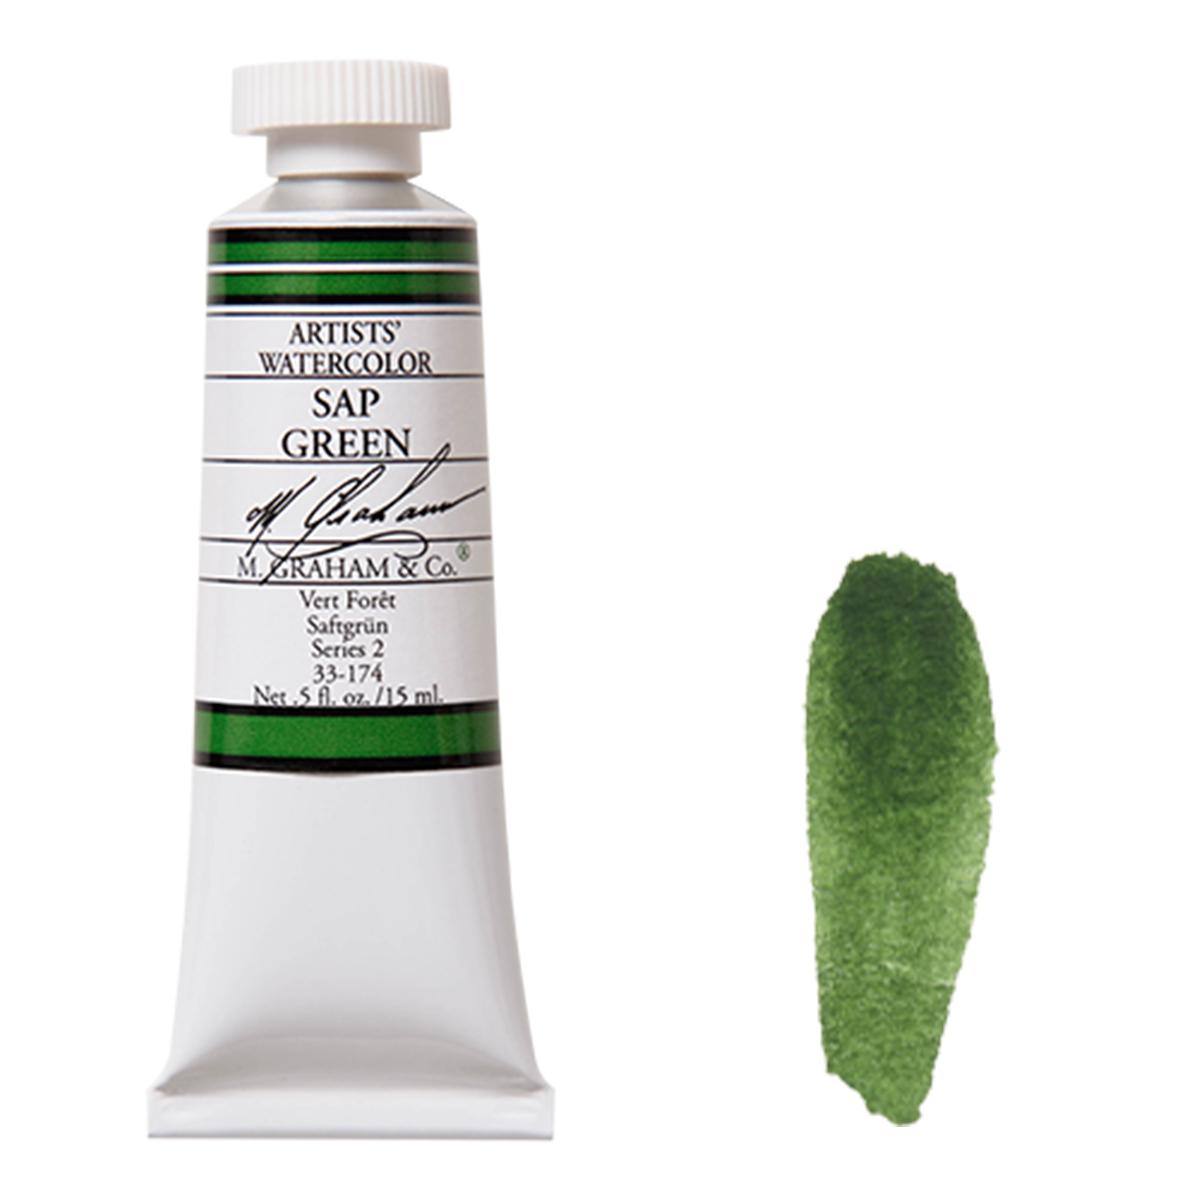 割引 M. 激安通販 Graham サップグリーン Sap M.グラハム 15mlチューブ 水彩絵具 Green